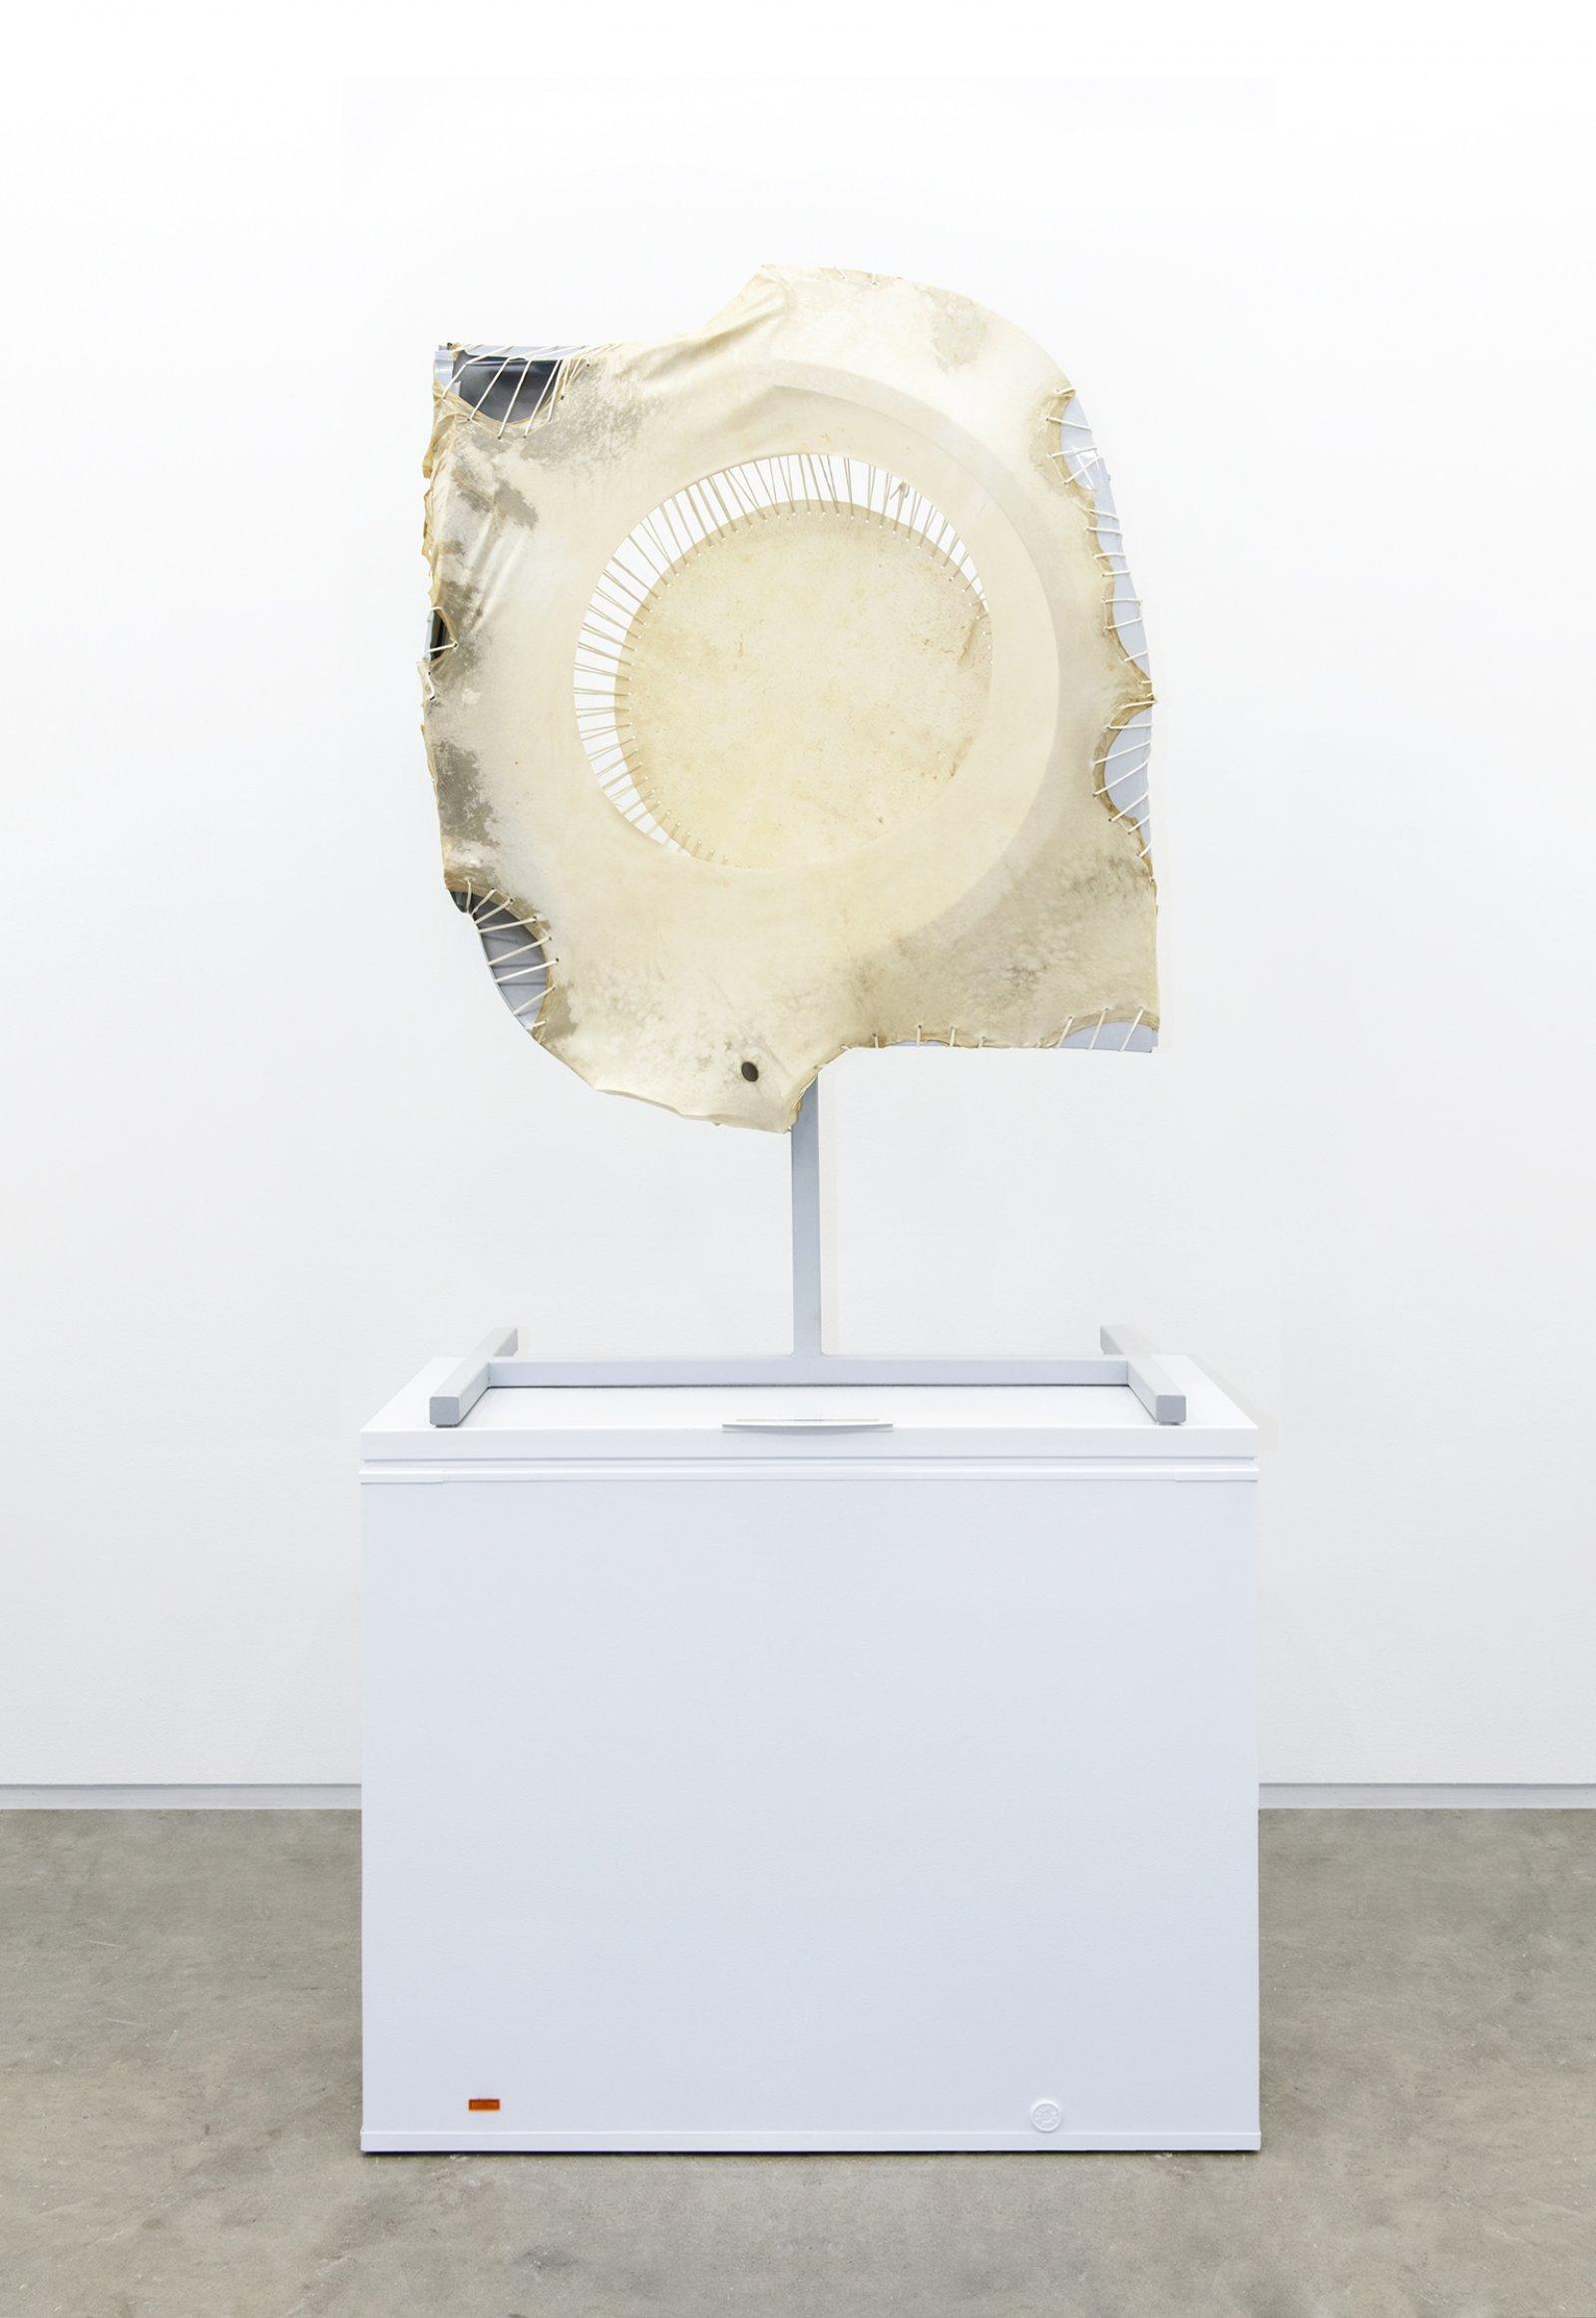 Brian Jungen,Companion, 2013, steel, deer hide, audi fenders, freezer, 103 x 51 x 28 in. (261 x 130 x 71 cm)